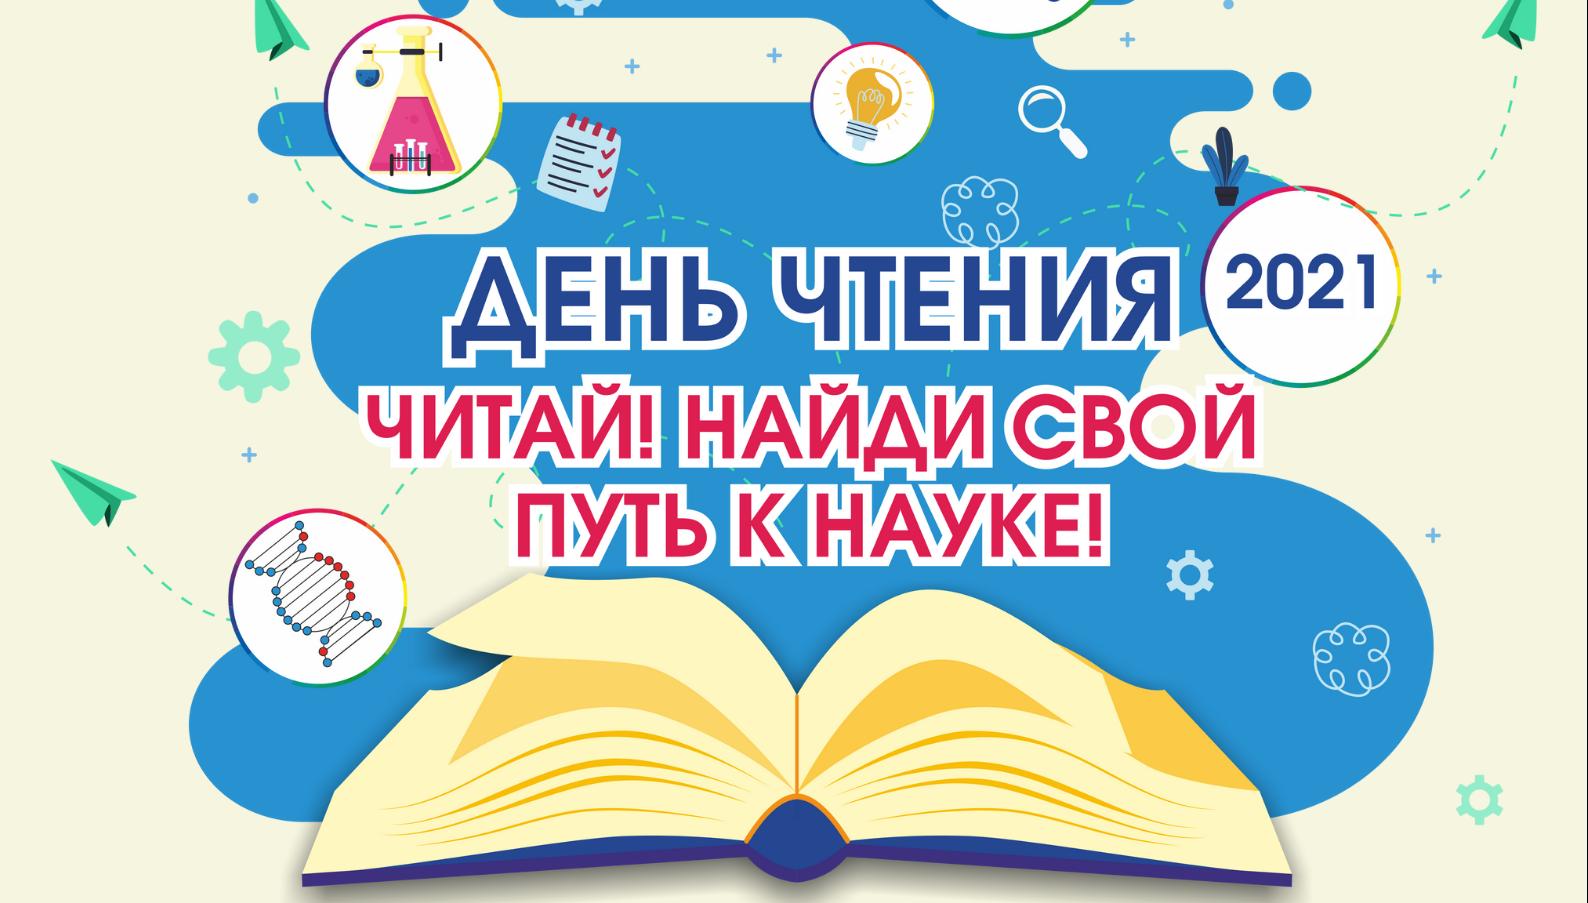 Библиотека Пушкина в День чтения превратится в научную лабораторию